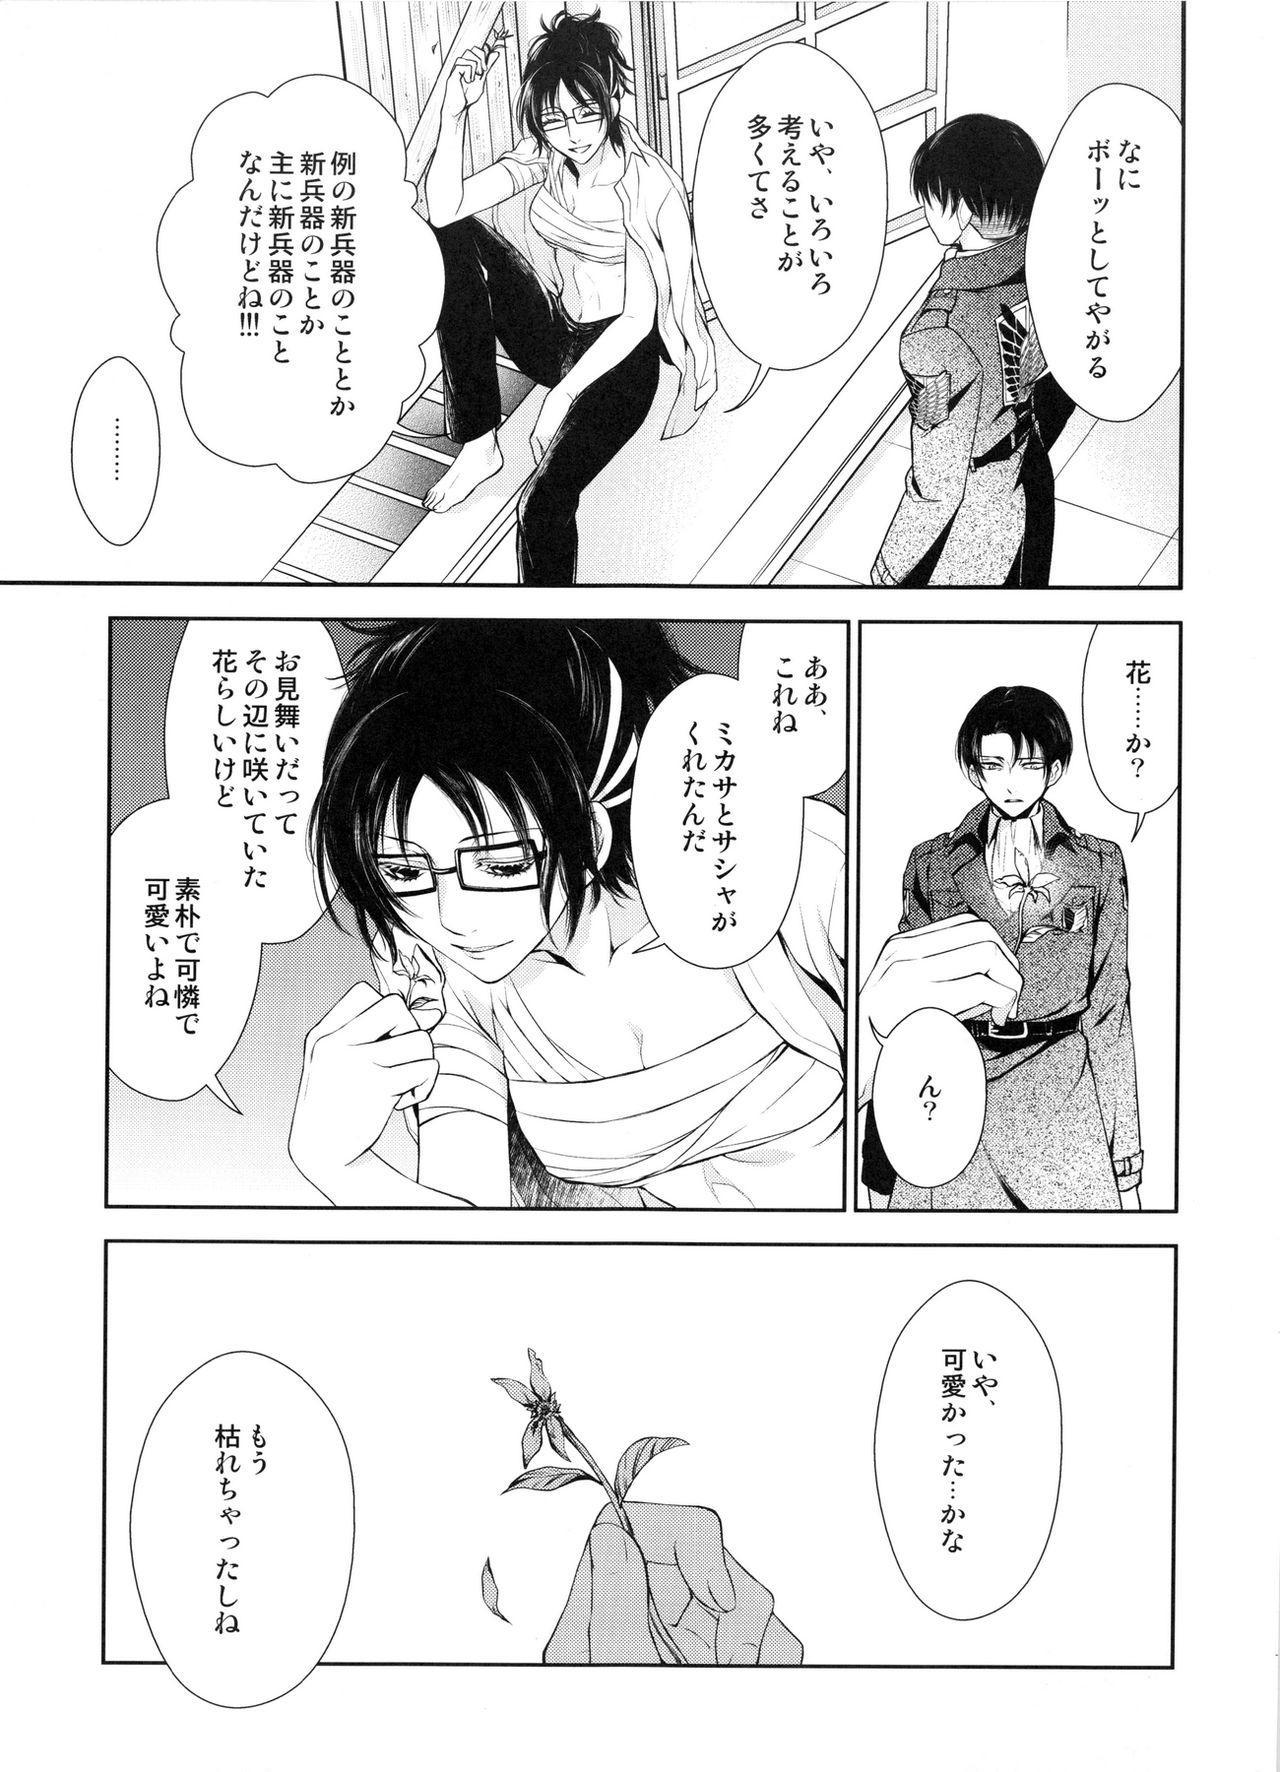 Meguri Meguri Soshite Mata Hana wa Saku 6